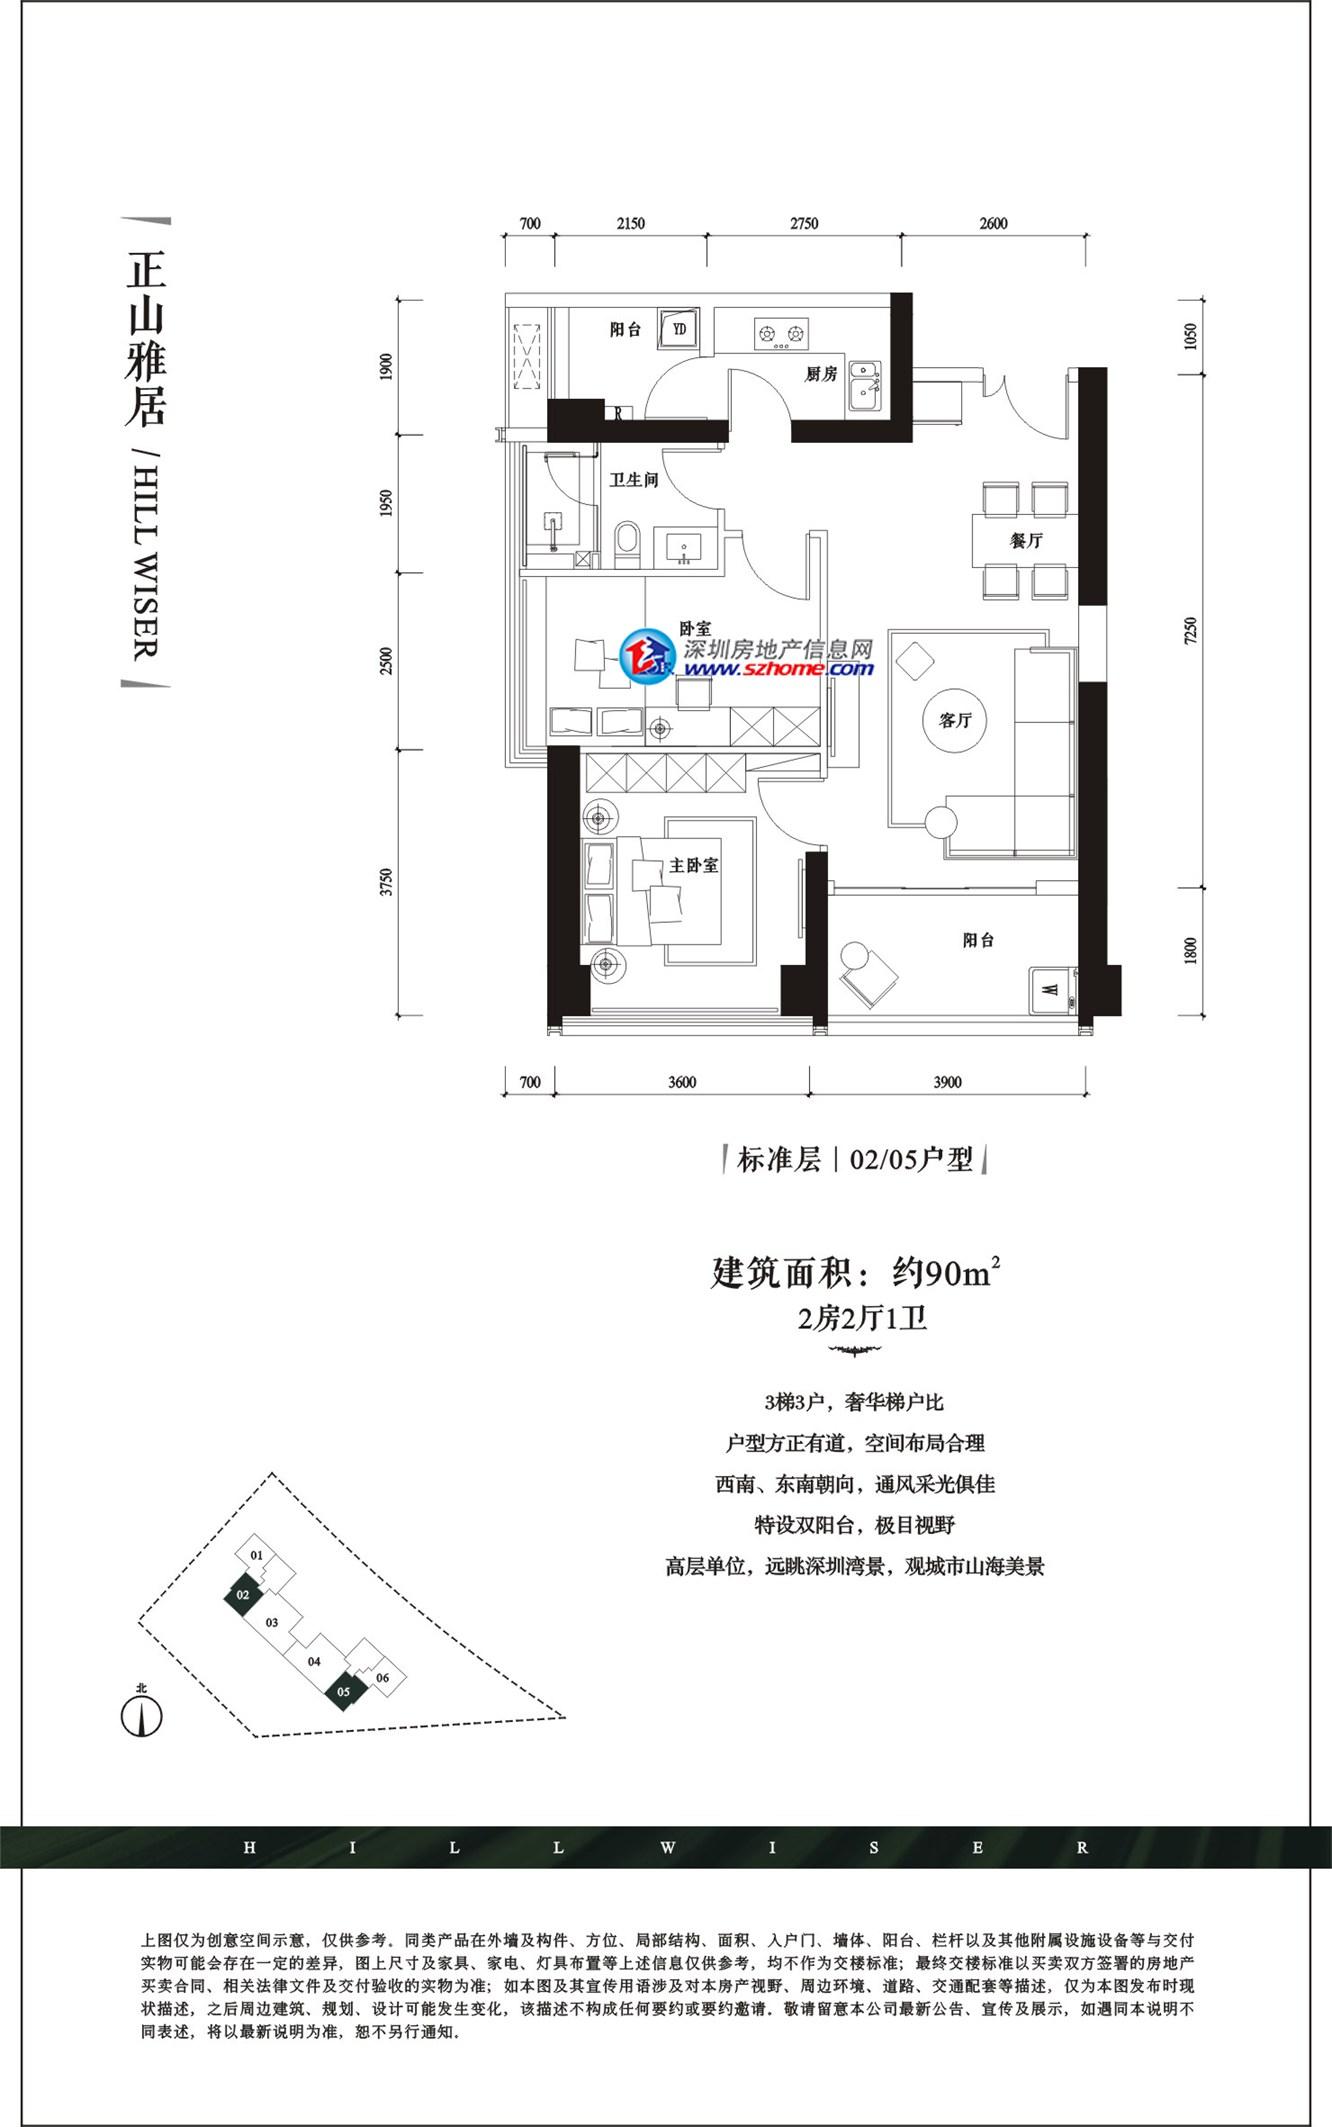 青岛银川山苑平面设计图